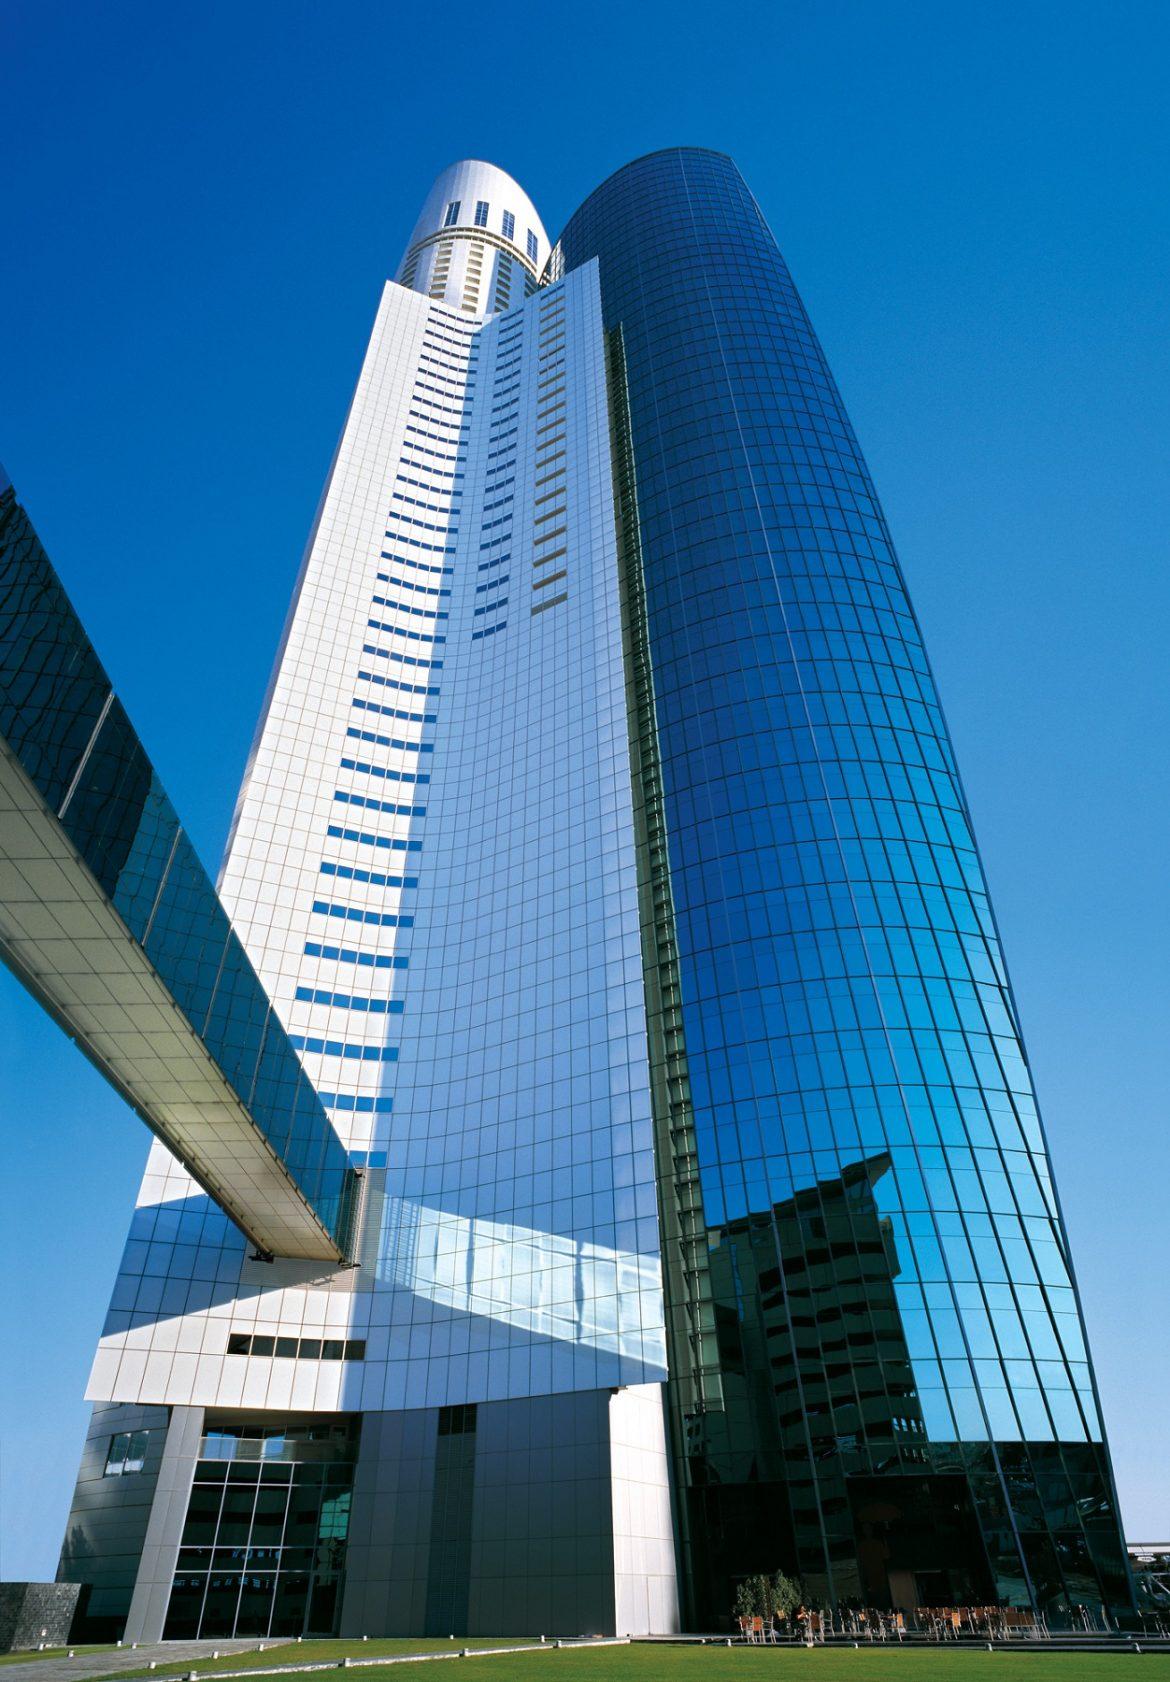 فندق أسكوت بارك بلايس دبي